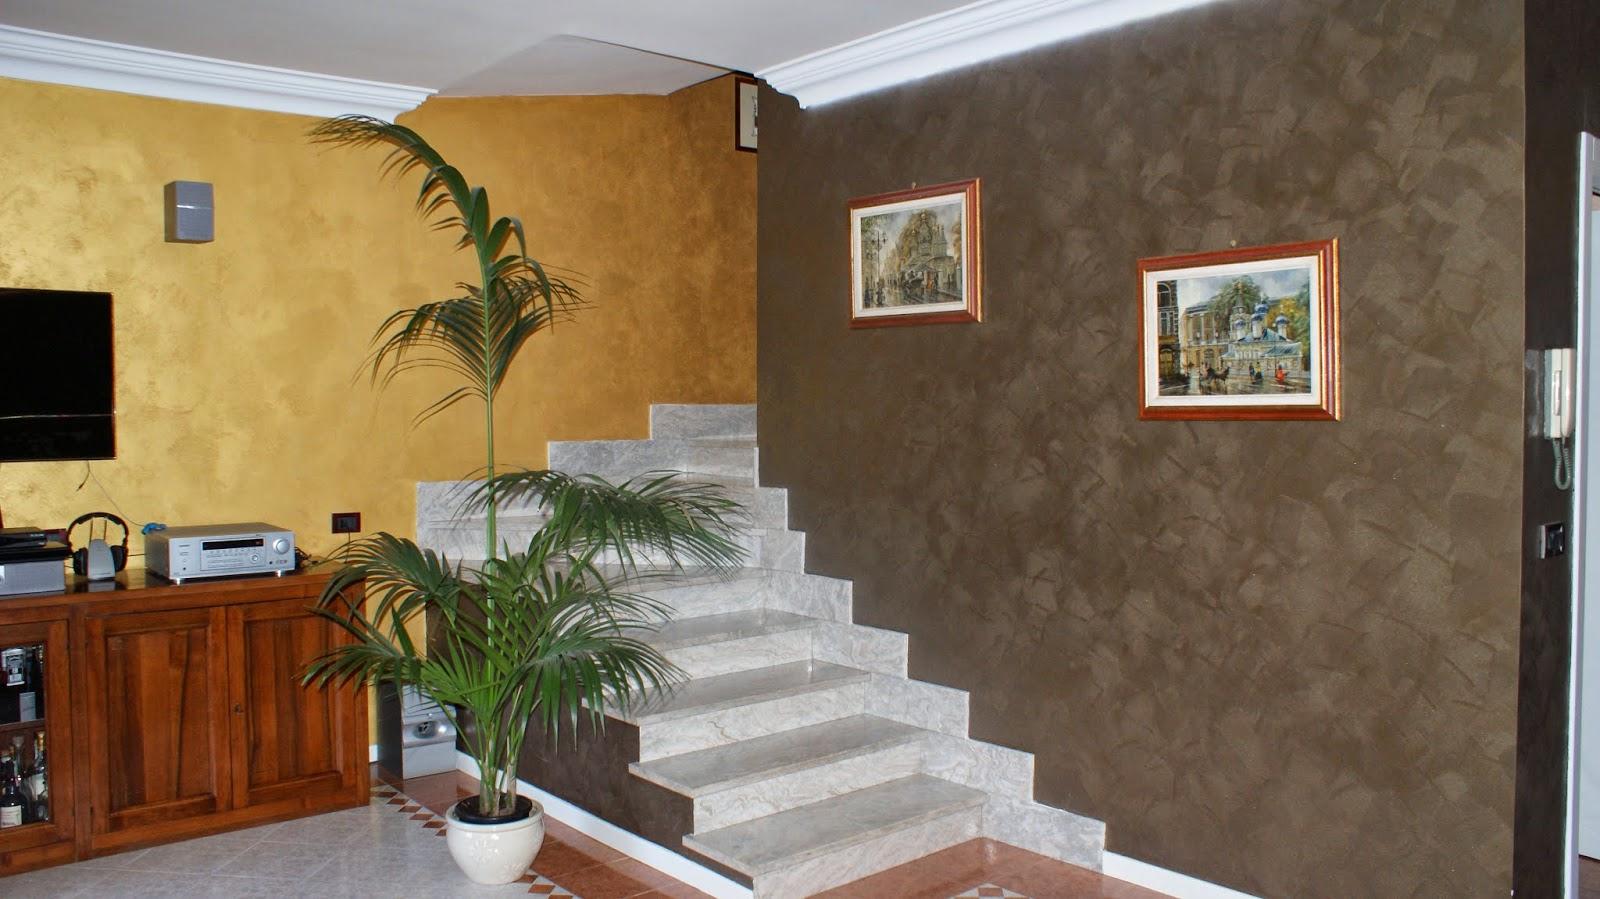 Pitture Murali Per Interni Decorative : Pitture decorative